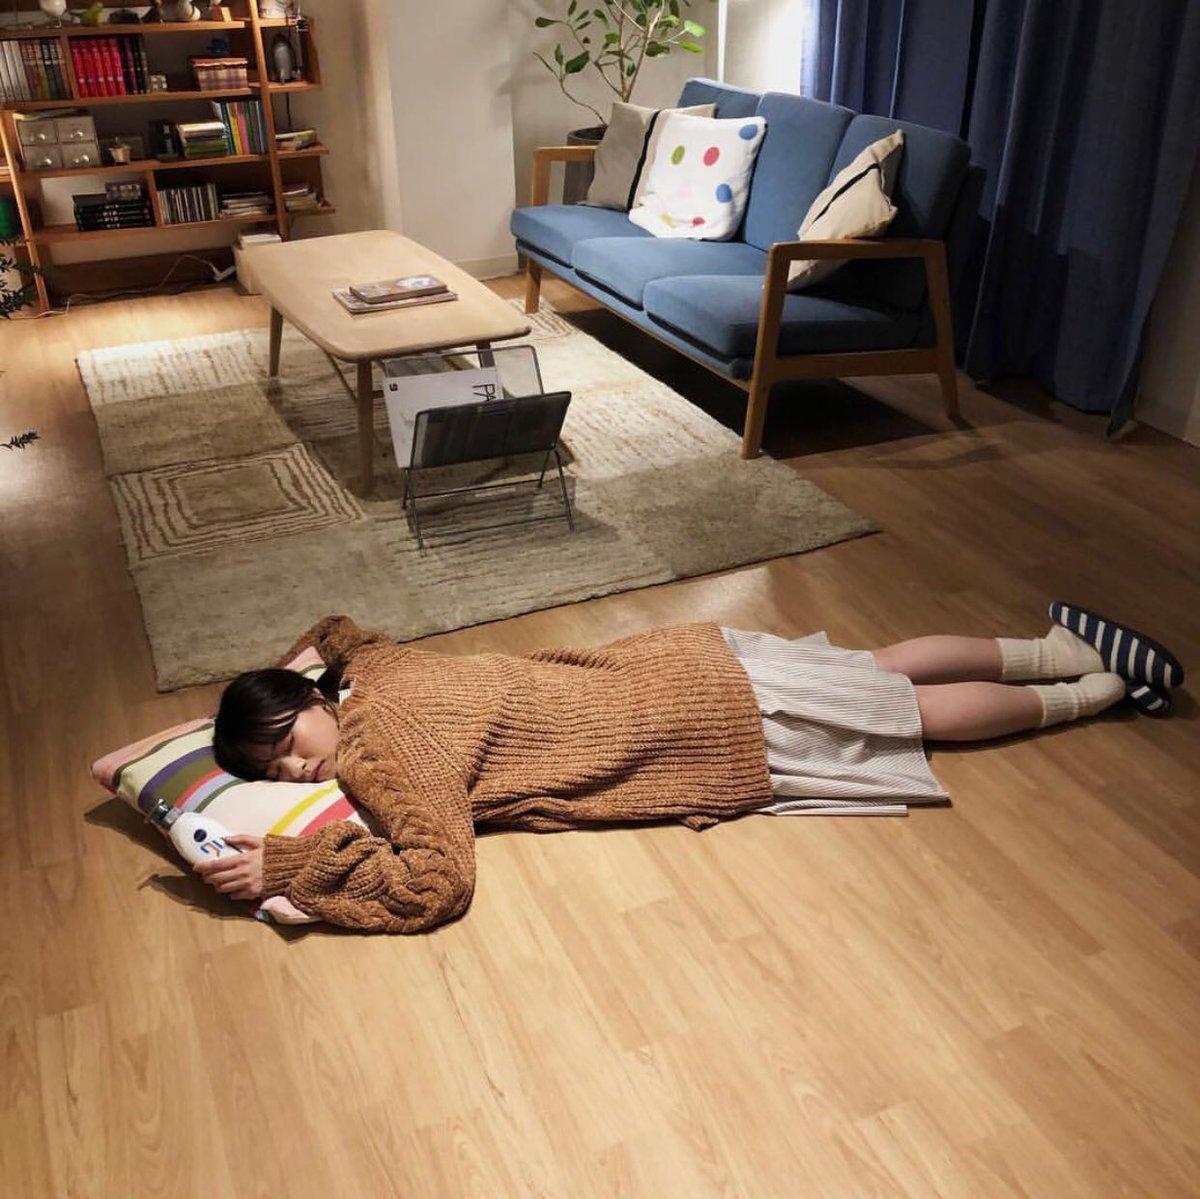 七瀬さん寝てるので寝ます。。明日派遣バイト最低15時間労働つら。。諭吉2枚ほどwelcomeしたい( ´∵`)